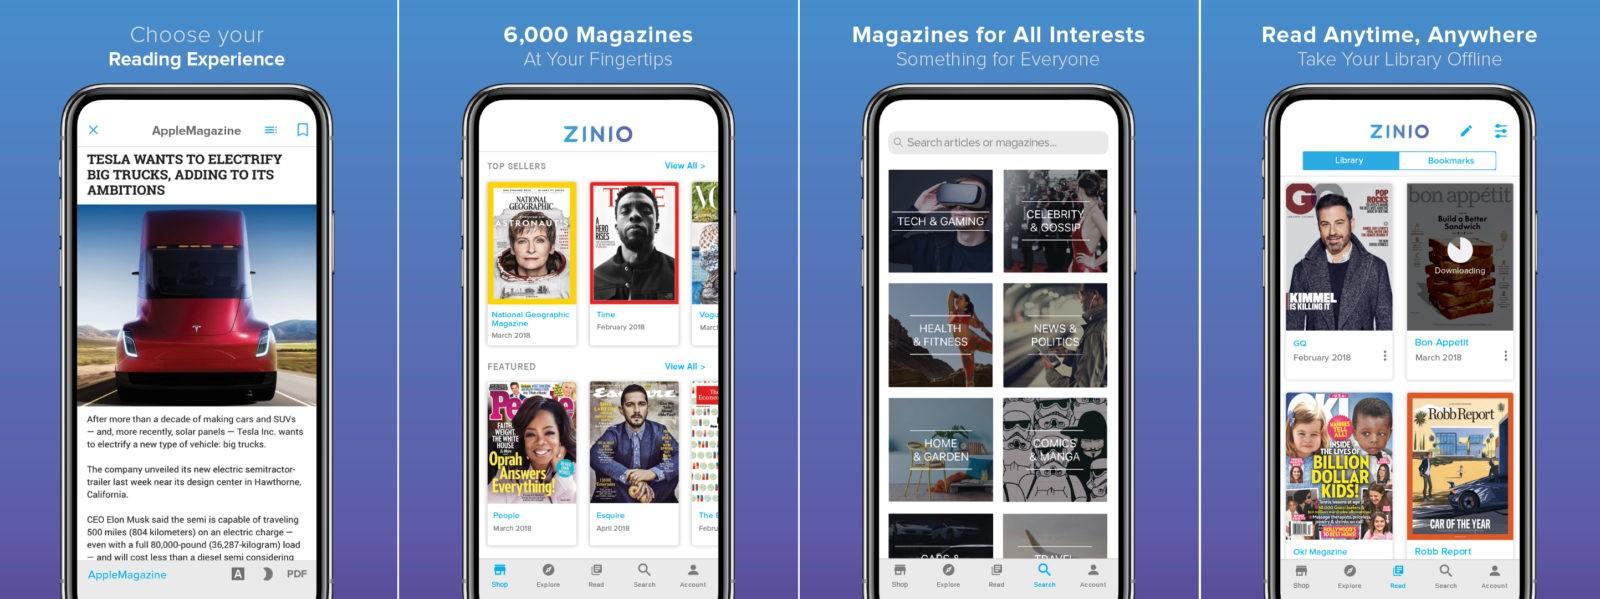 Digital magazines on iOS